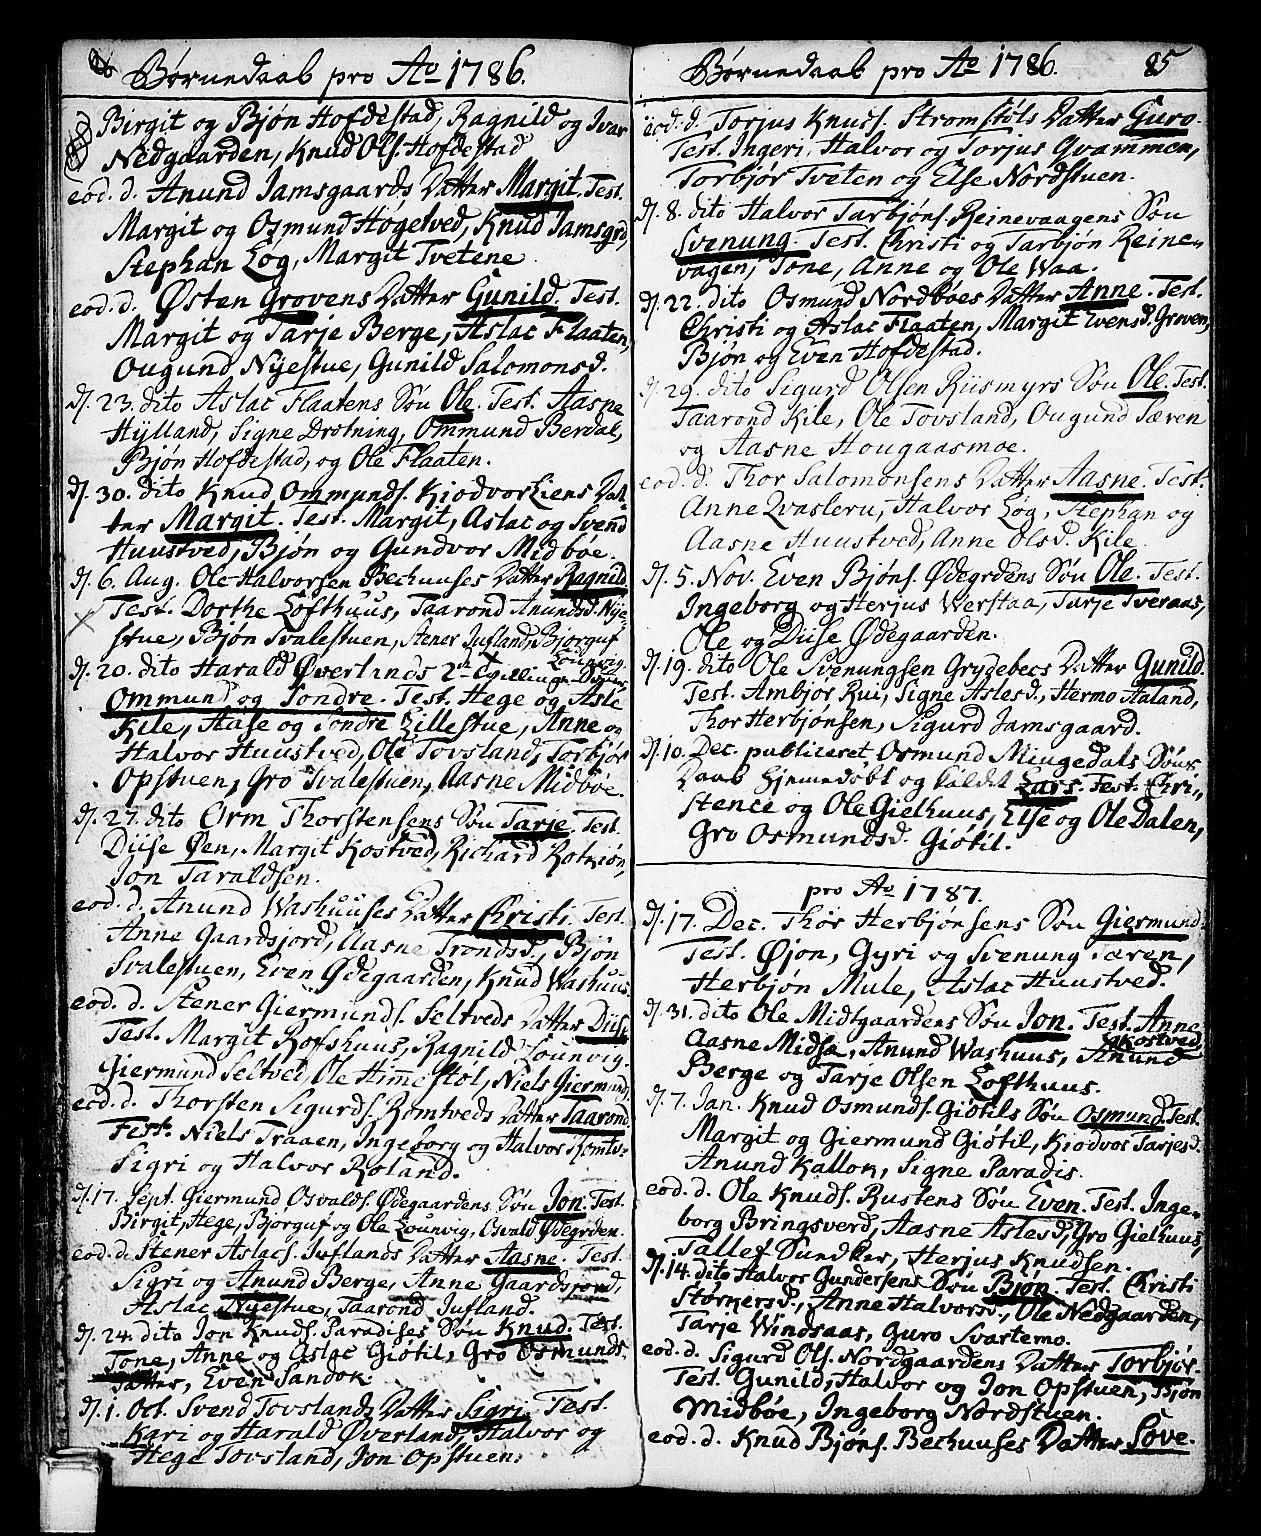 SAKO, Vinje kirkebøker, F/Fa/L0002: Ministerialbok nr. I 2, 1767-1814, s. 85